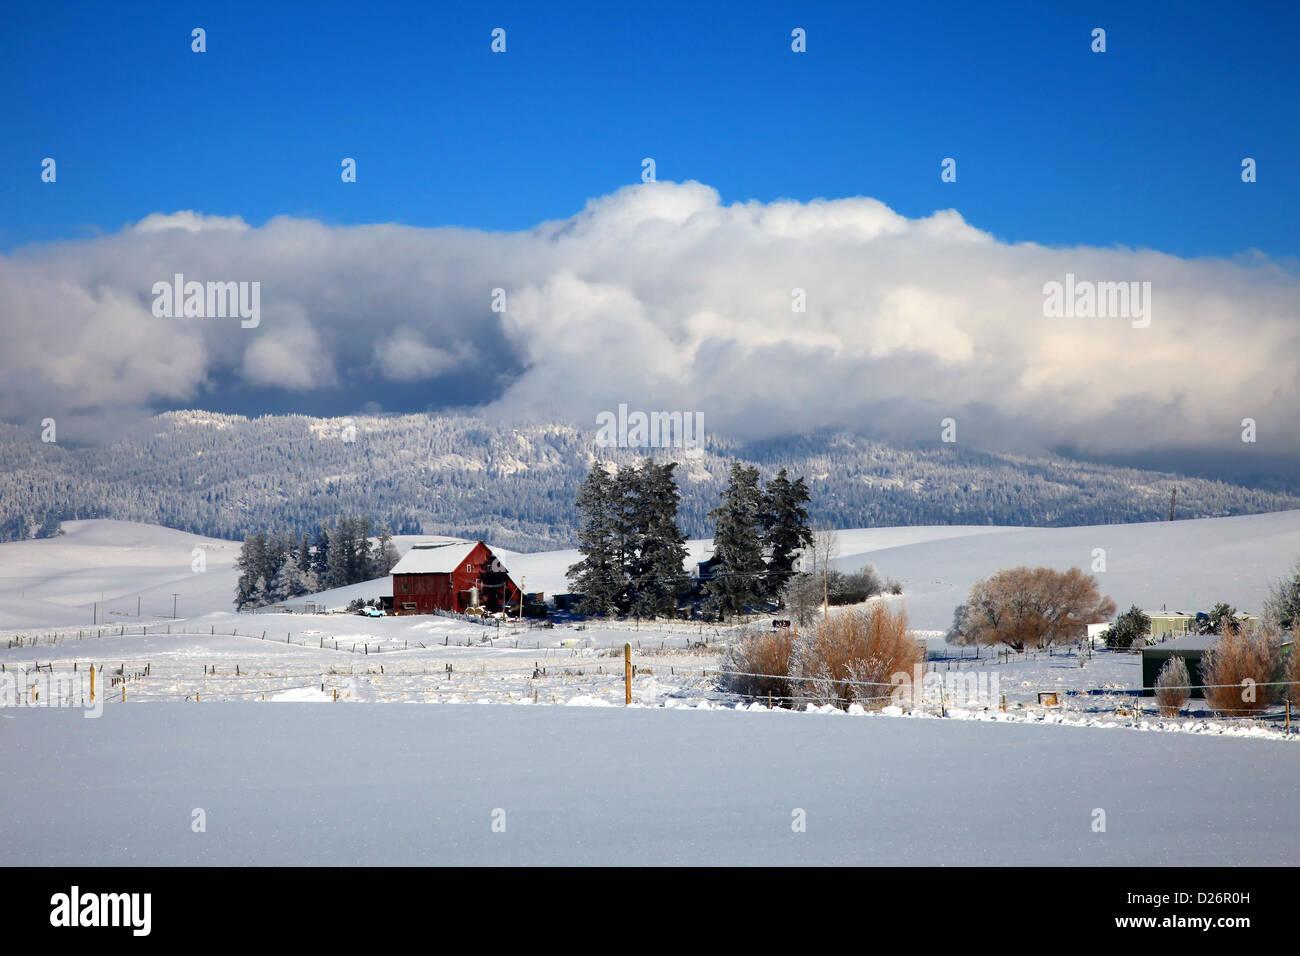 Idaho Winter Scenery